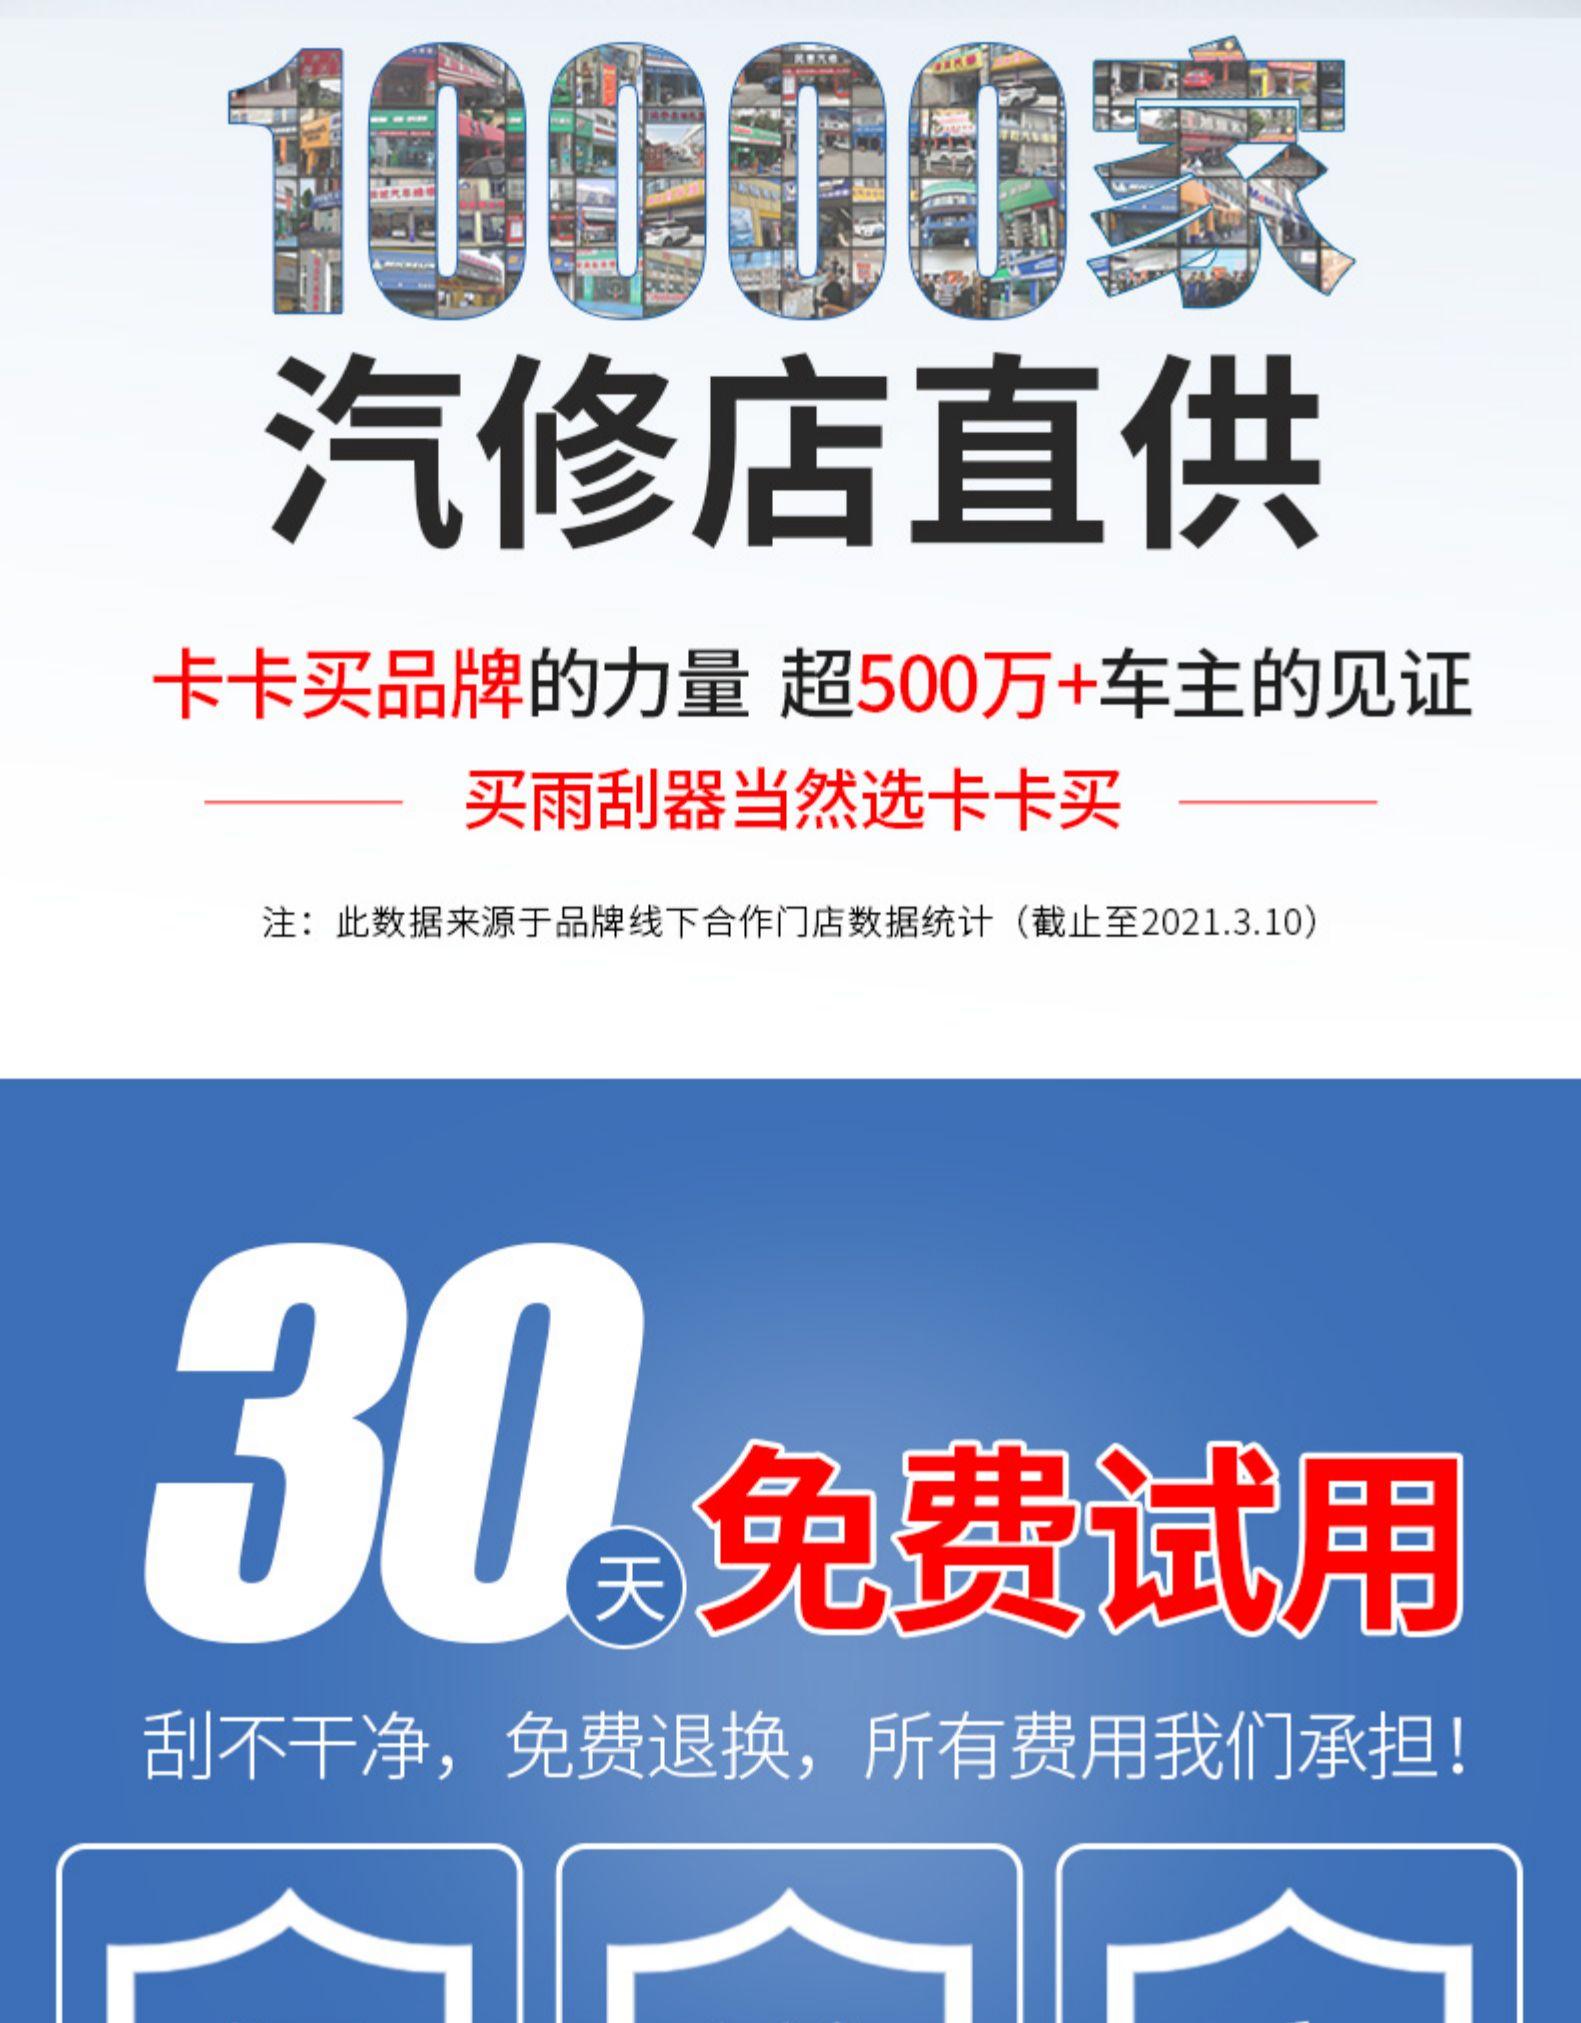 北京现代朗动雨刮器原厂原装款胶条汽车无骨雨刷片专用郎动详细照片